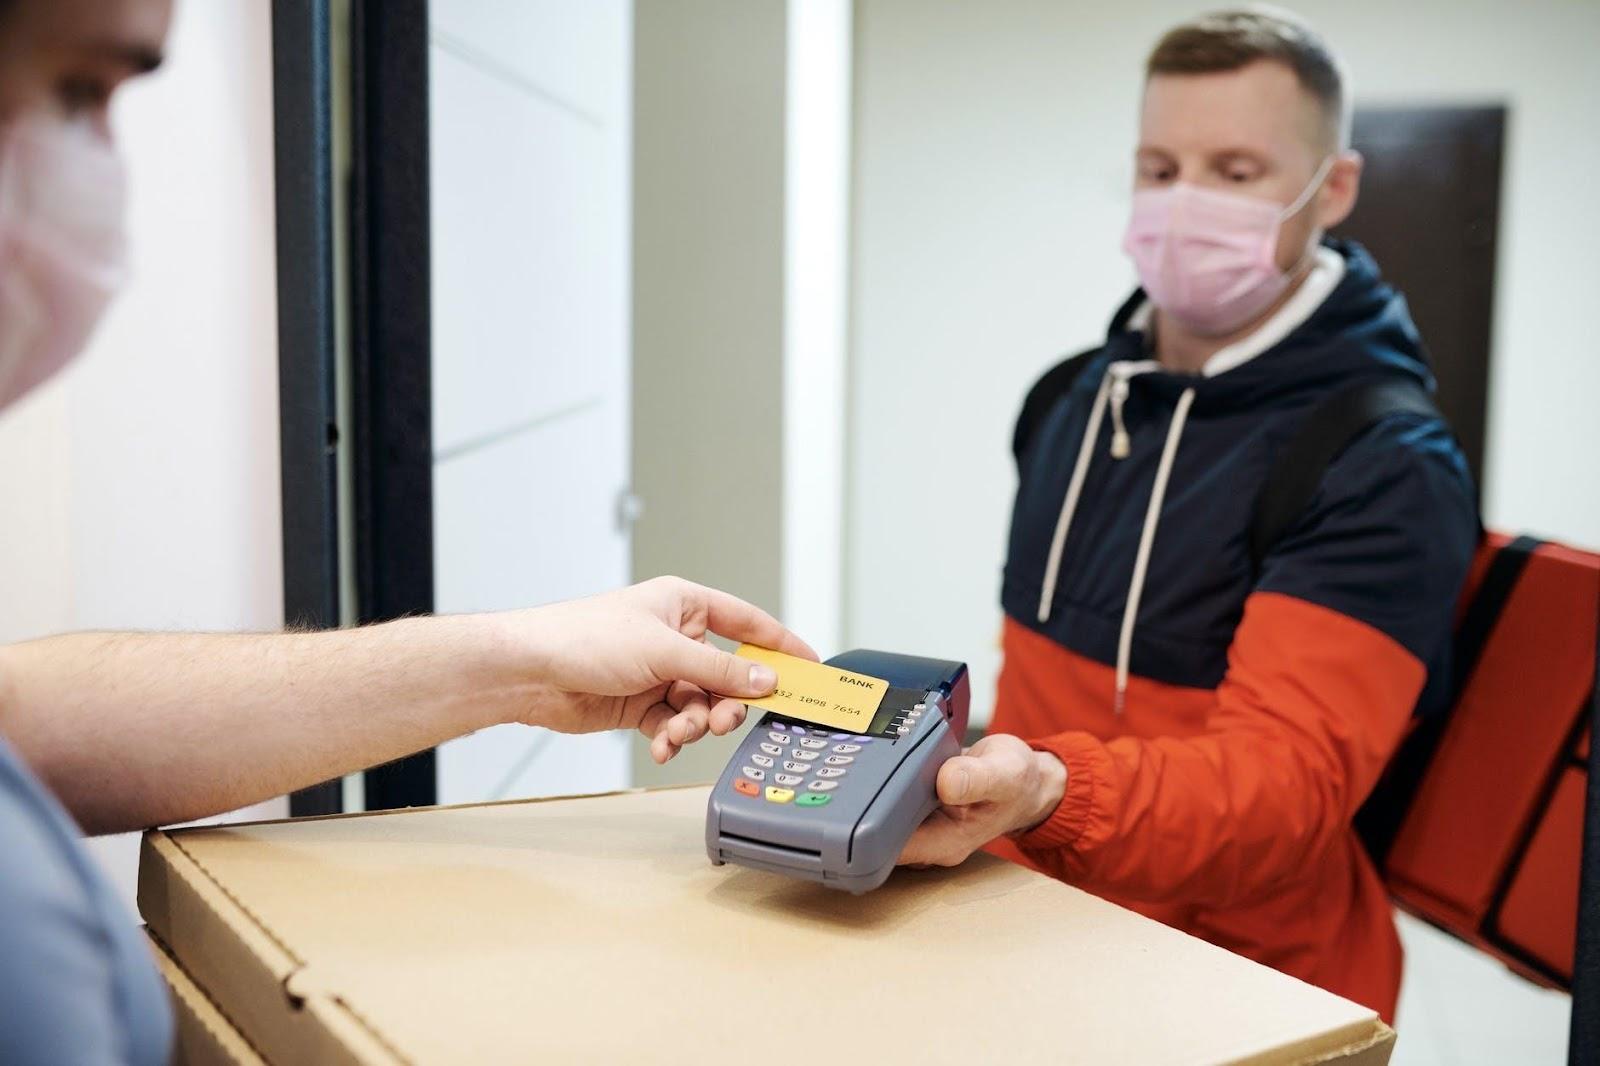 thanh toán qua máy pos là gì